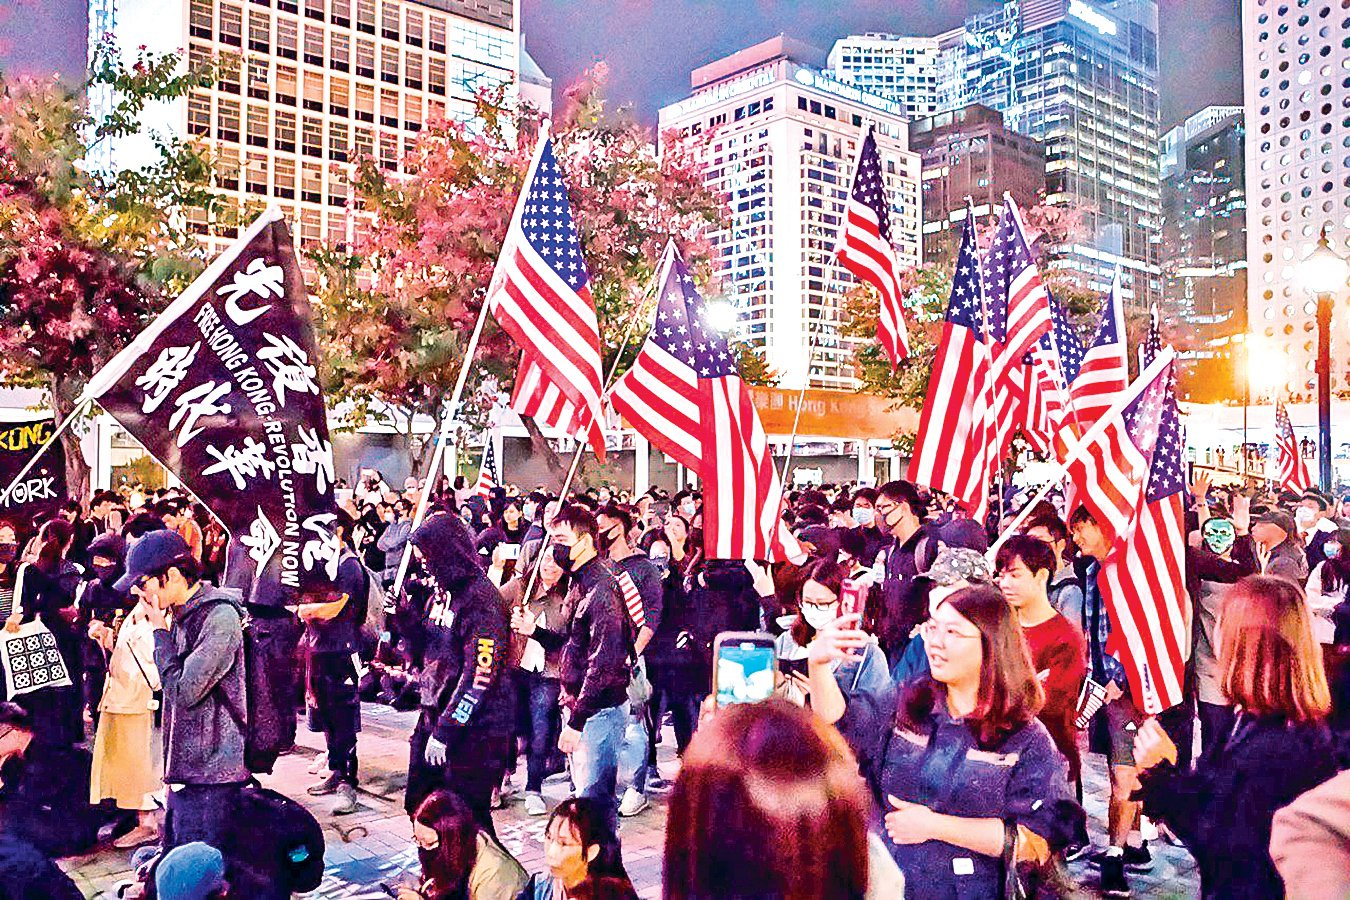 11月28日,香港市民在中環愛丁堡廣場舉行「人權法案感恩節集會」。圖為集會人士揮舞美國國旗表達對自由、民主、人權的訴求及對美國的感謝。(余鋼/大紀元)